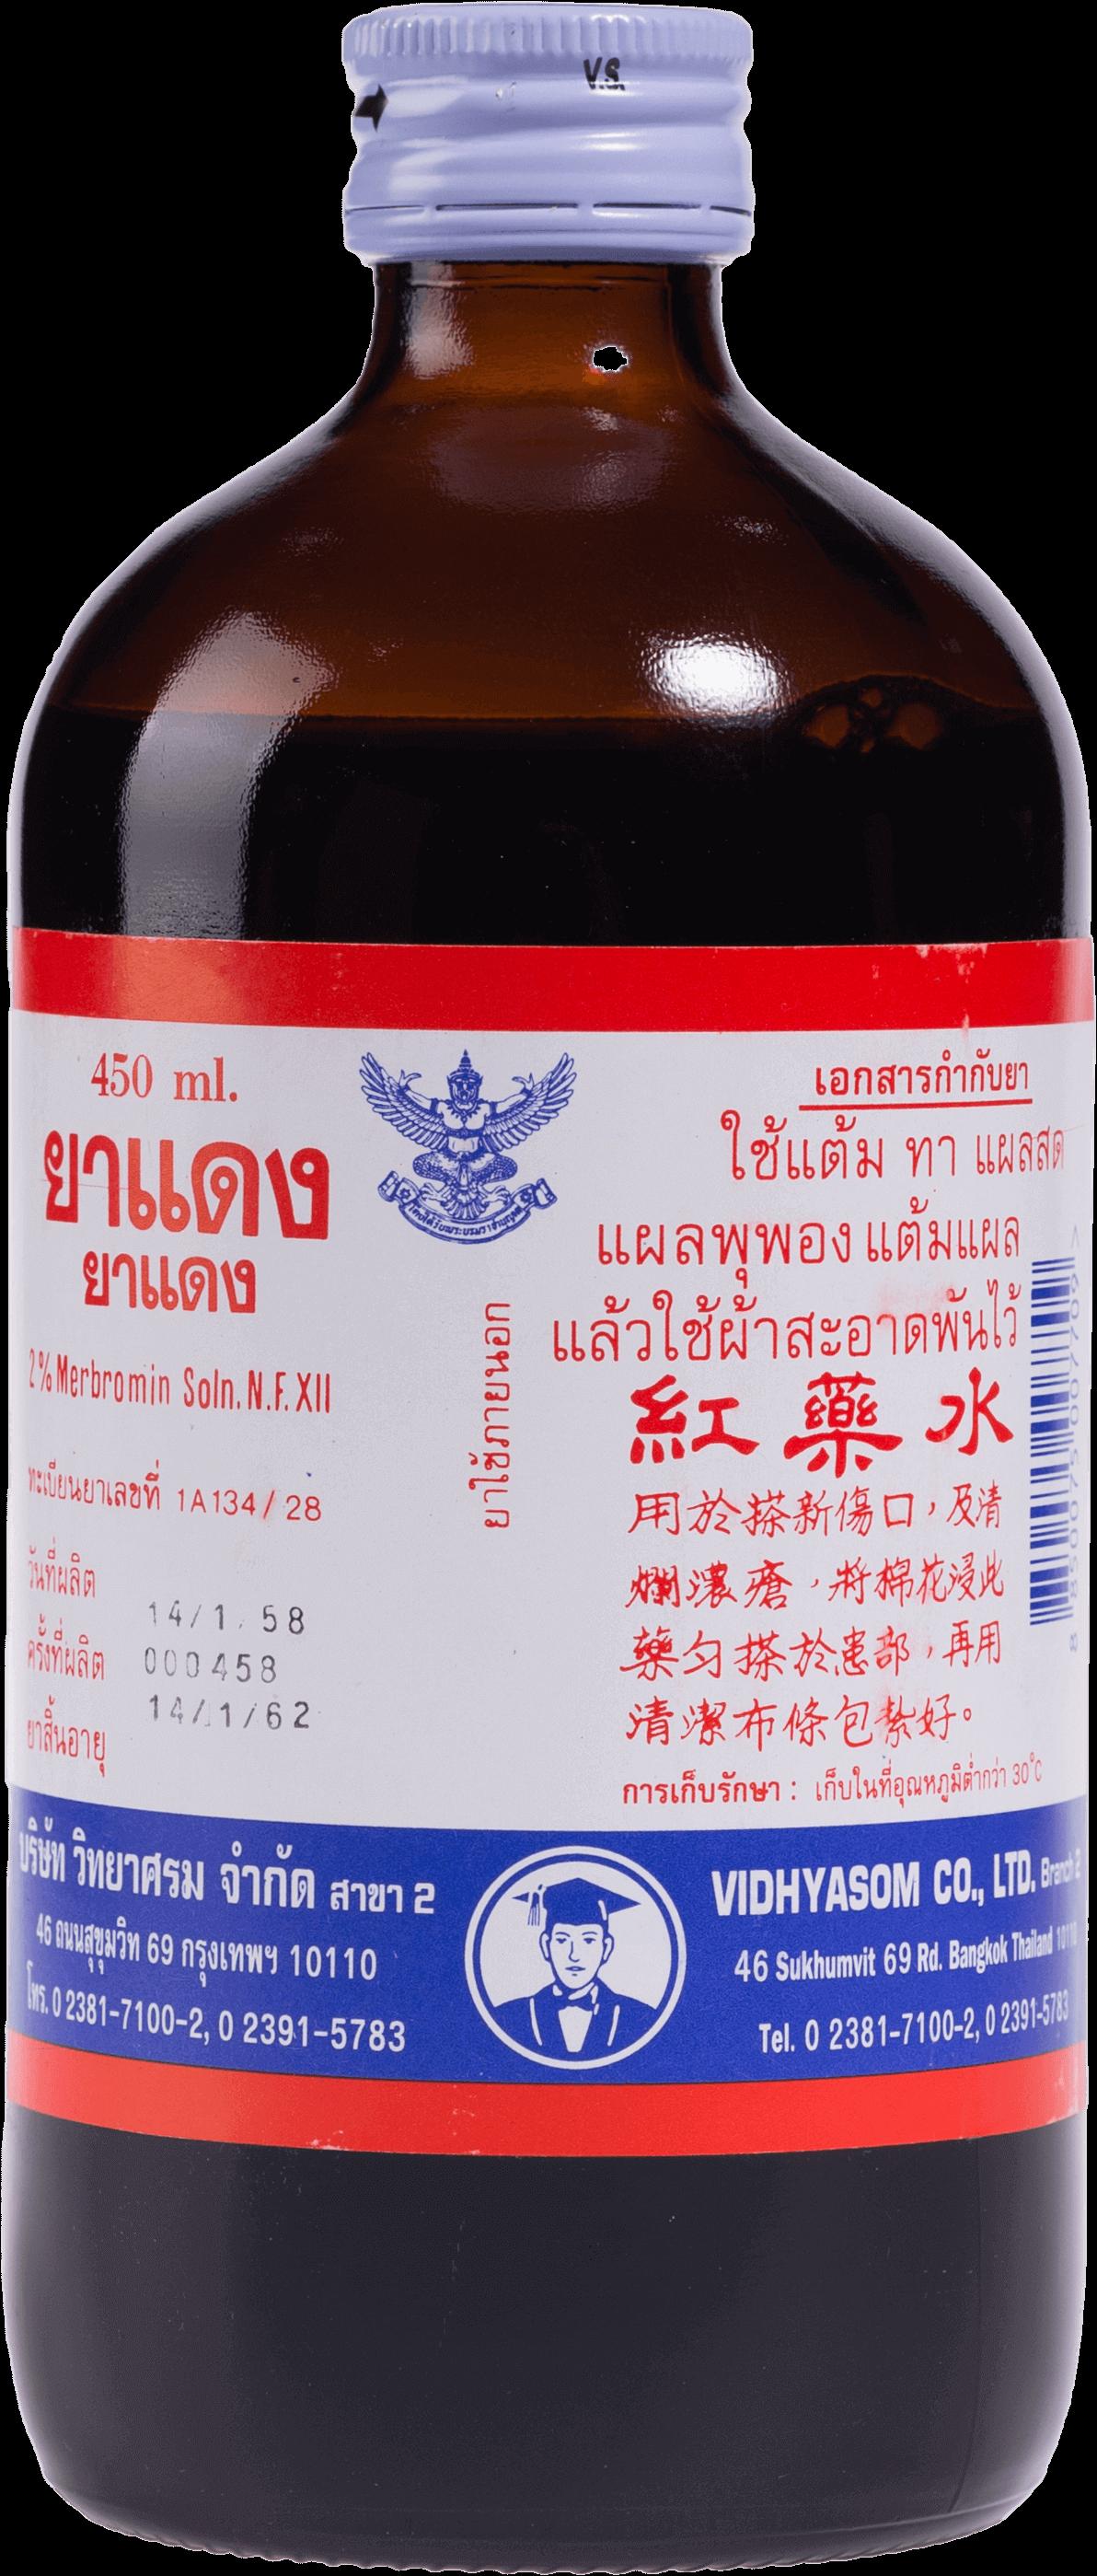 ยาแดงล้างแผล วิทยาศรม 450 cc.